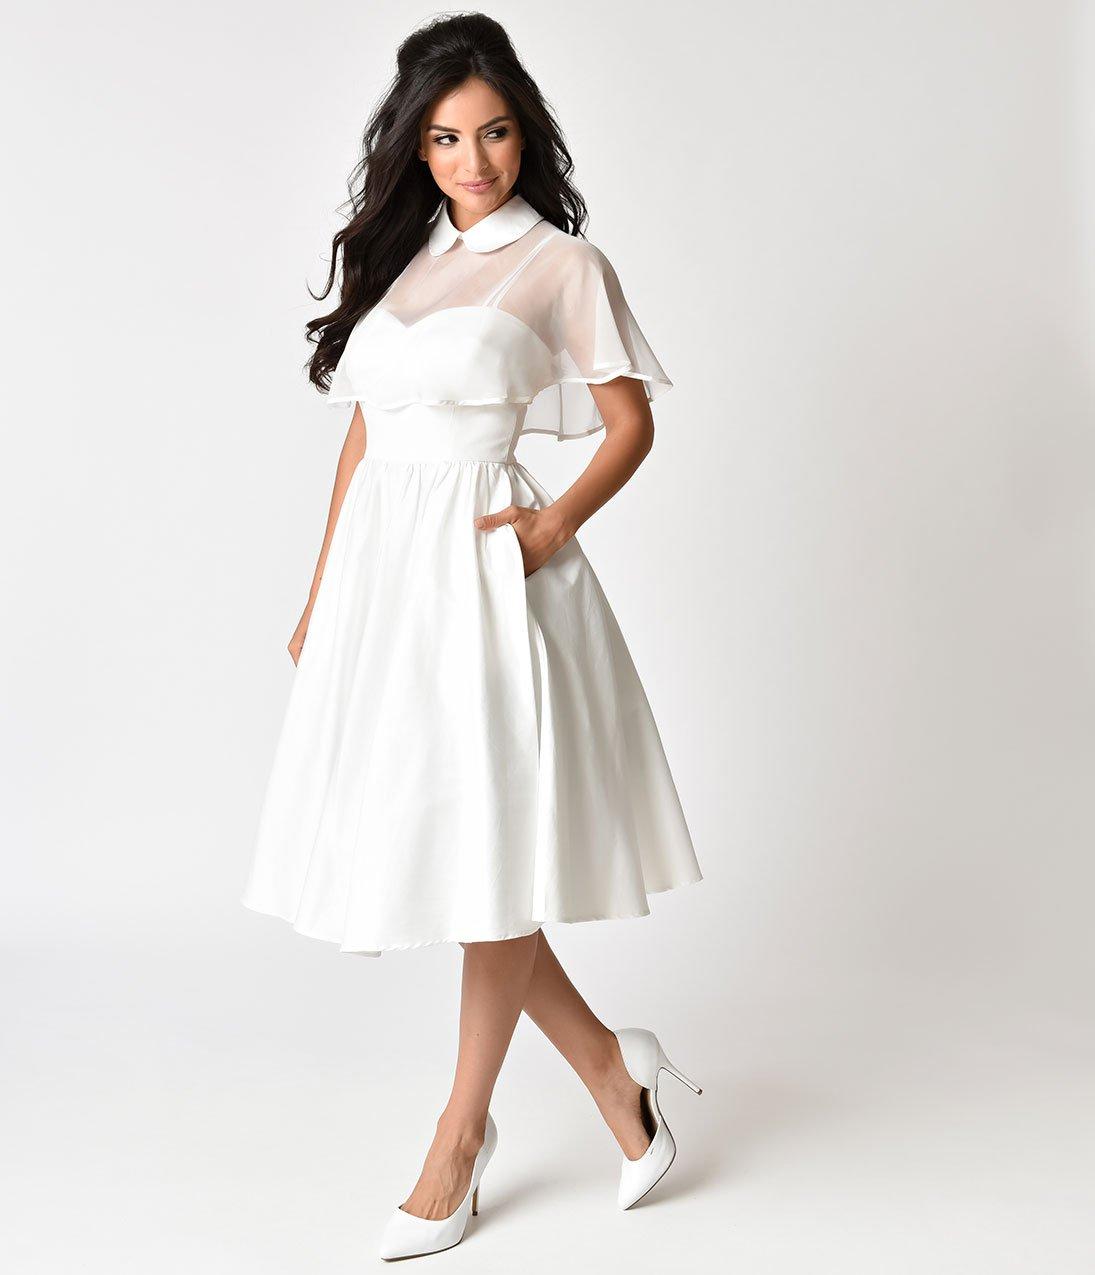 Unique Vintage 1940s Style White Brushed Cotton Luna Swing Dress Mes White Vintage Dress Wedding Dresses Unique Dresses [ 1275 x 1095 Pixel ]